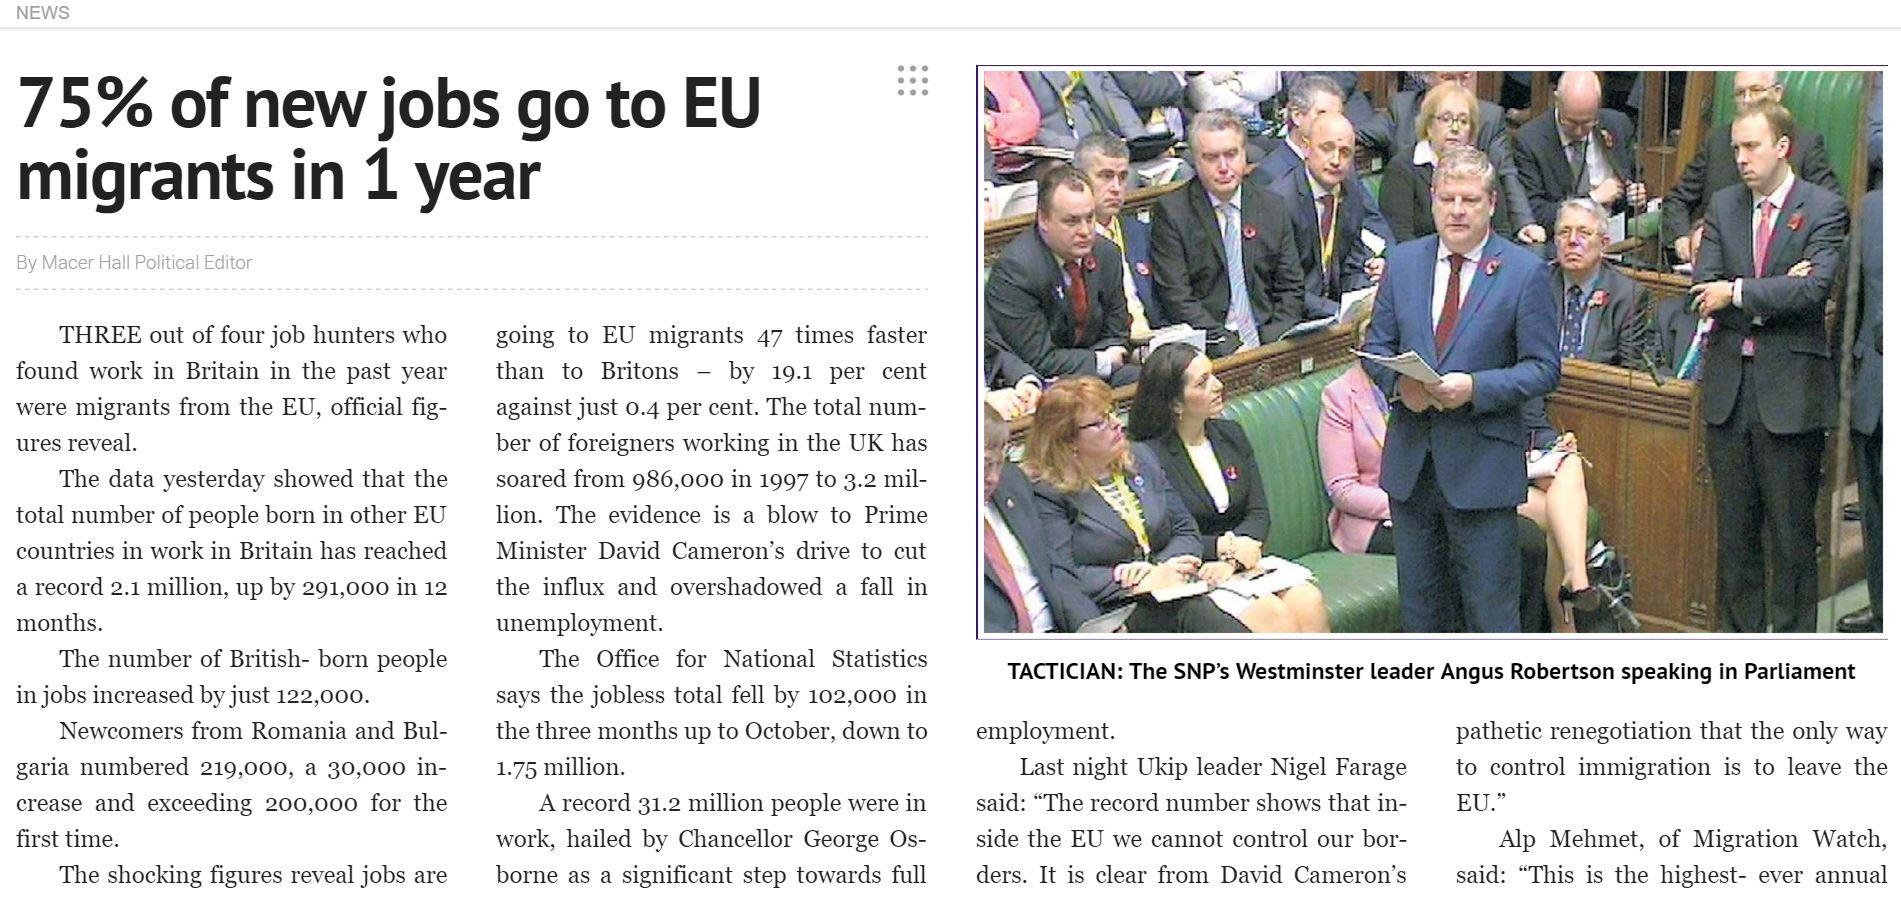 The Express's Nov. article (Credit: Express via PressReader.com)